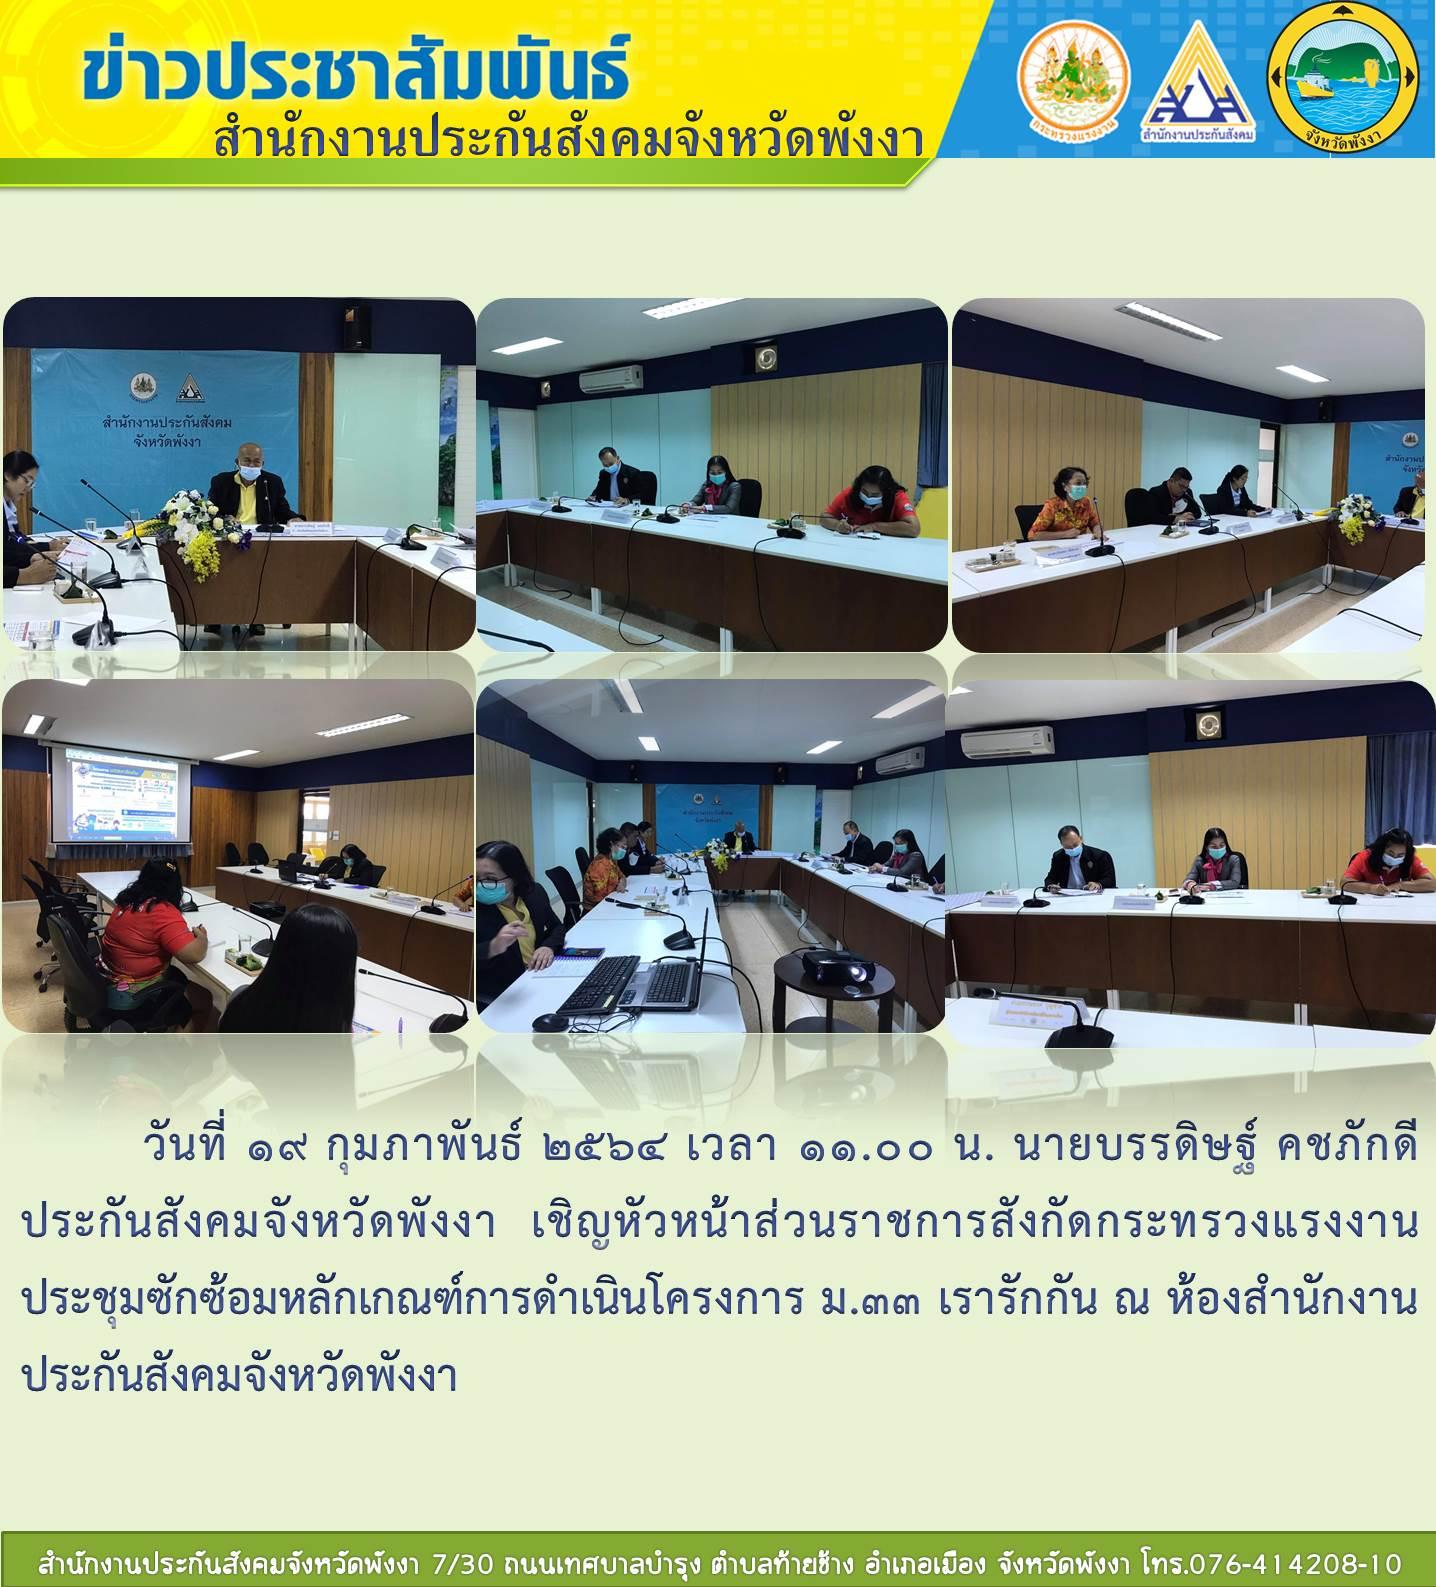 สปส.พังงา ประชุมซักซ้อมหลักเกณฑ์การดำเนินโครงการ ม.33 เรารักกัน